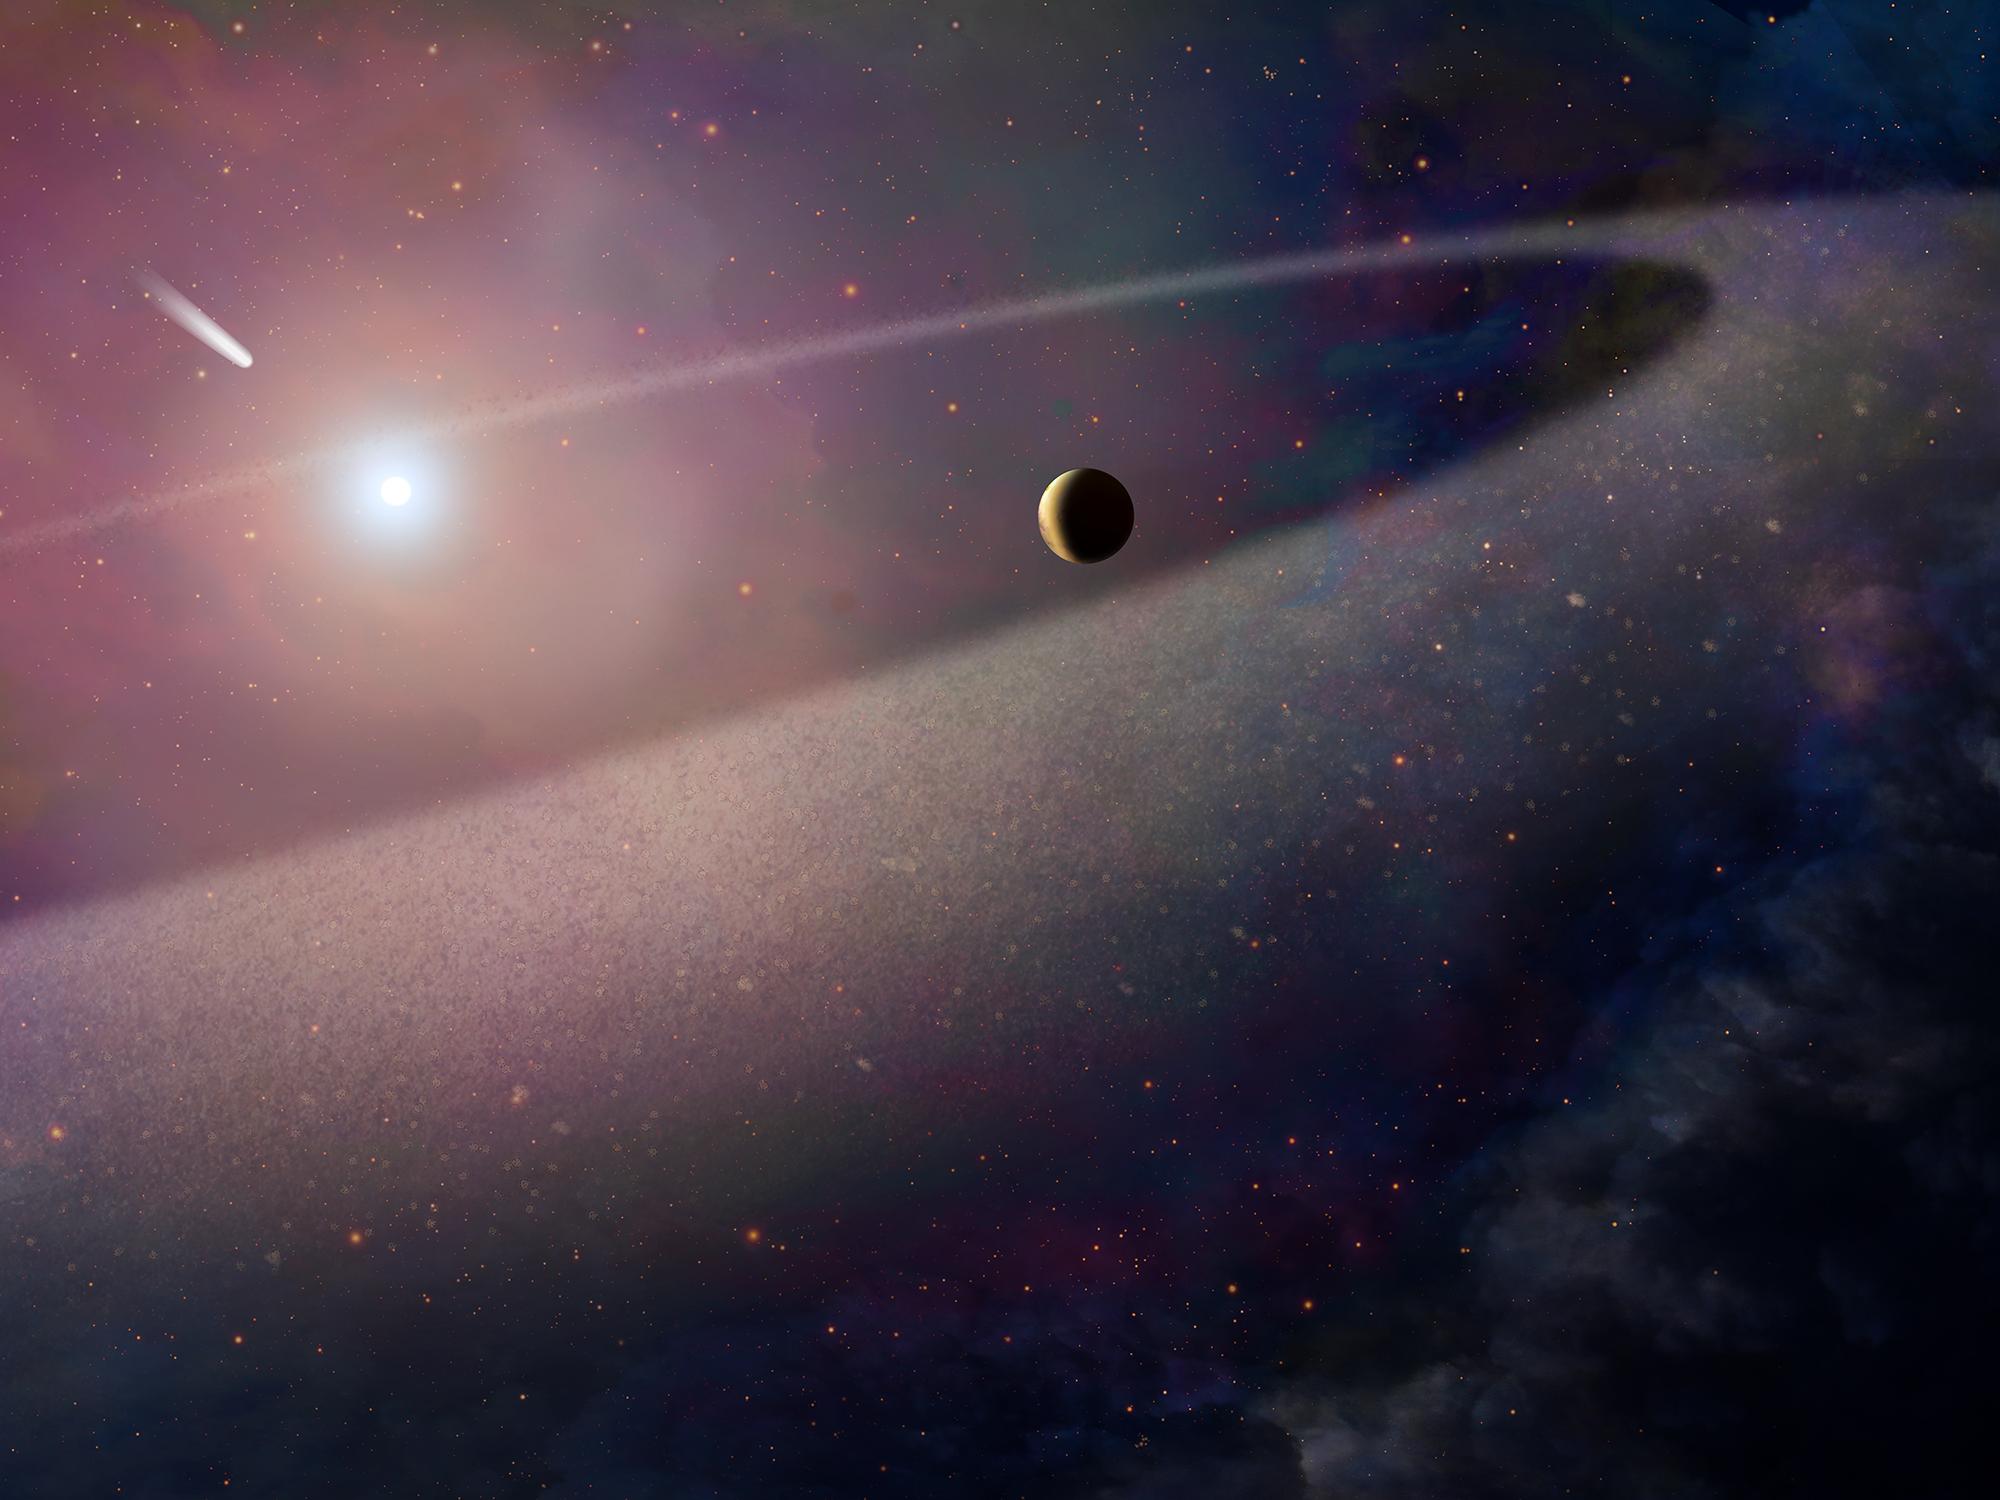 Representación artística de una estrella enana blanca con su atmósfera cercana, un planeta que queda, un anillo de escombros y un cometa que cae.